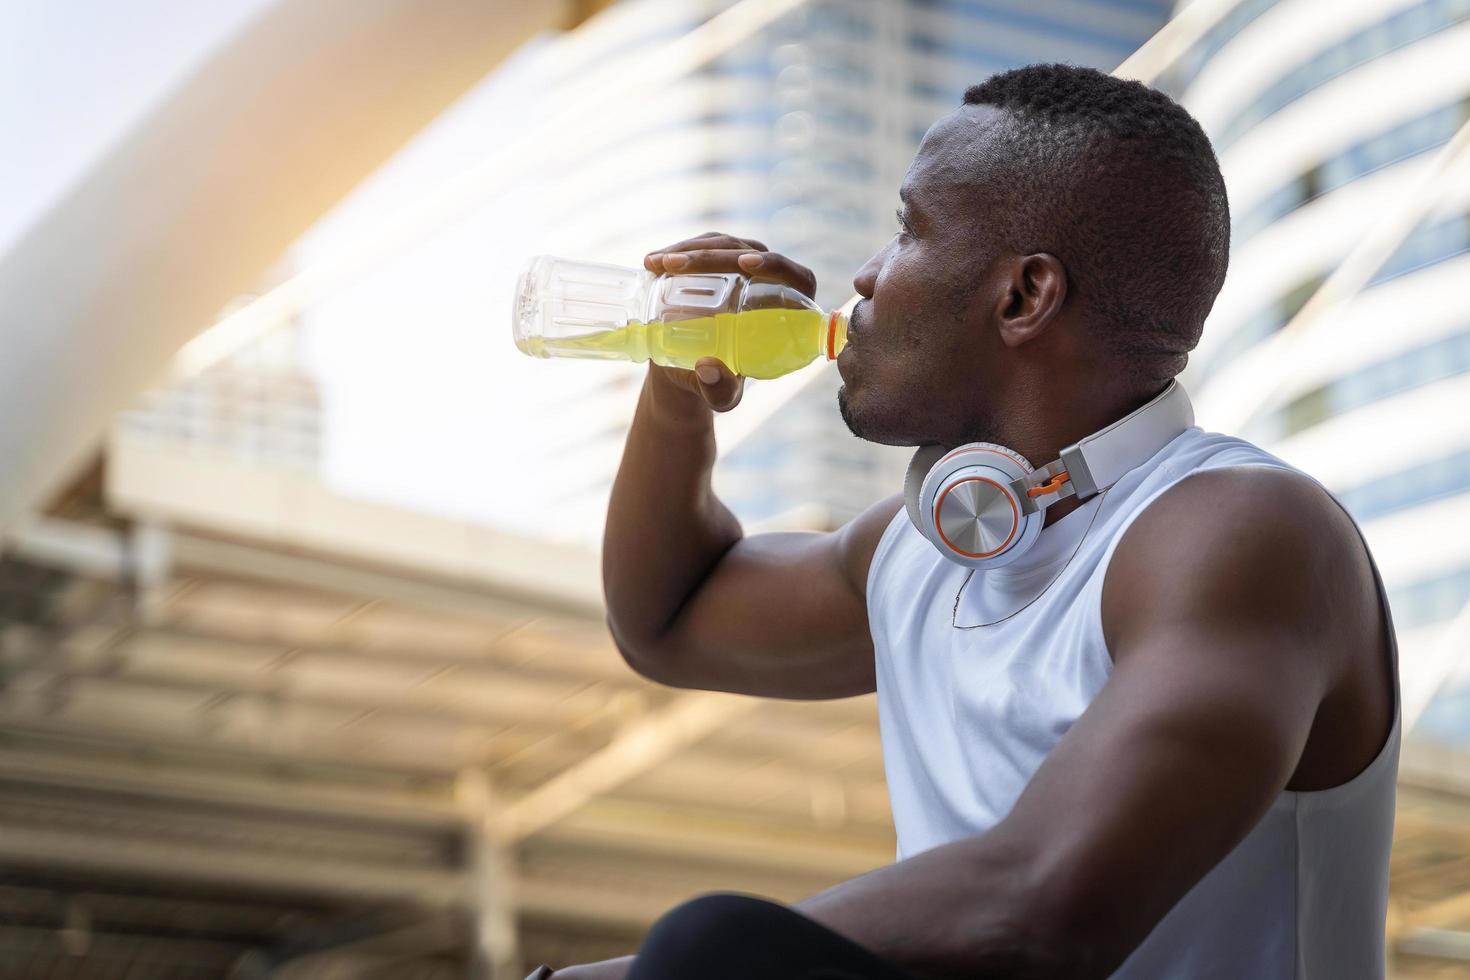 homme buvant une boisson pour sportifs en bouteille photo